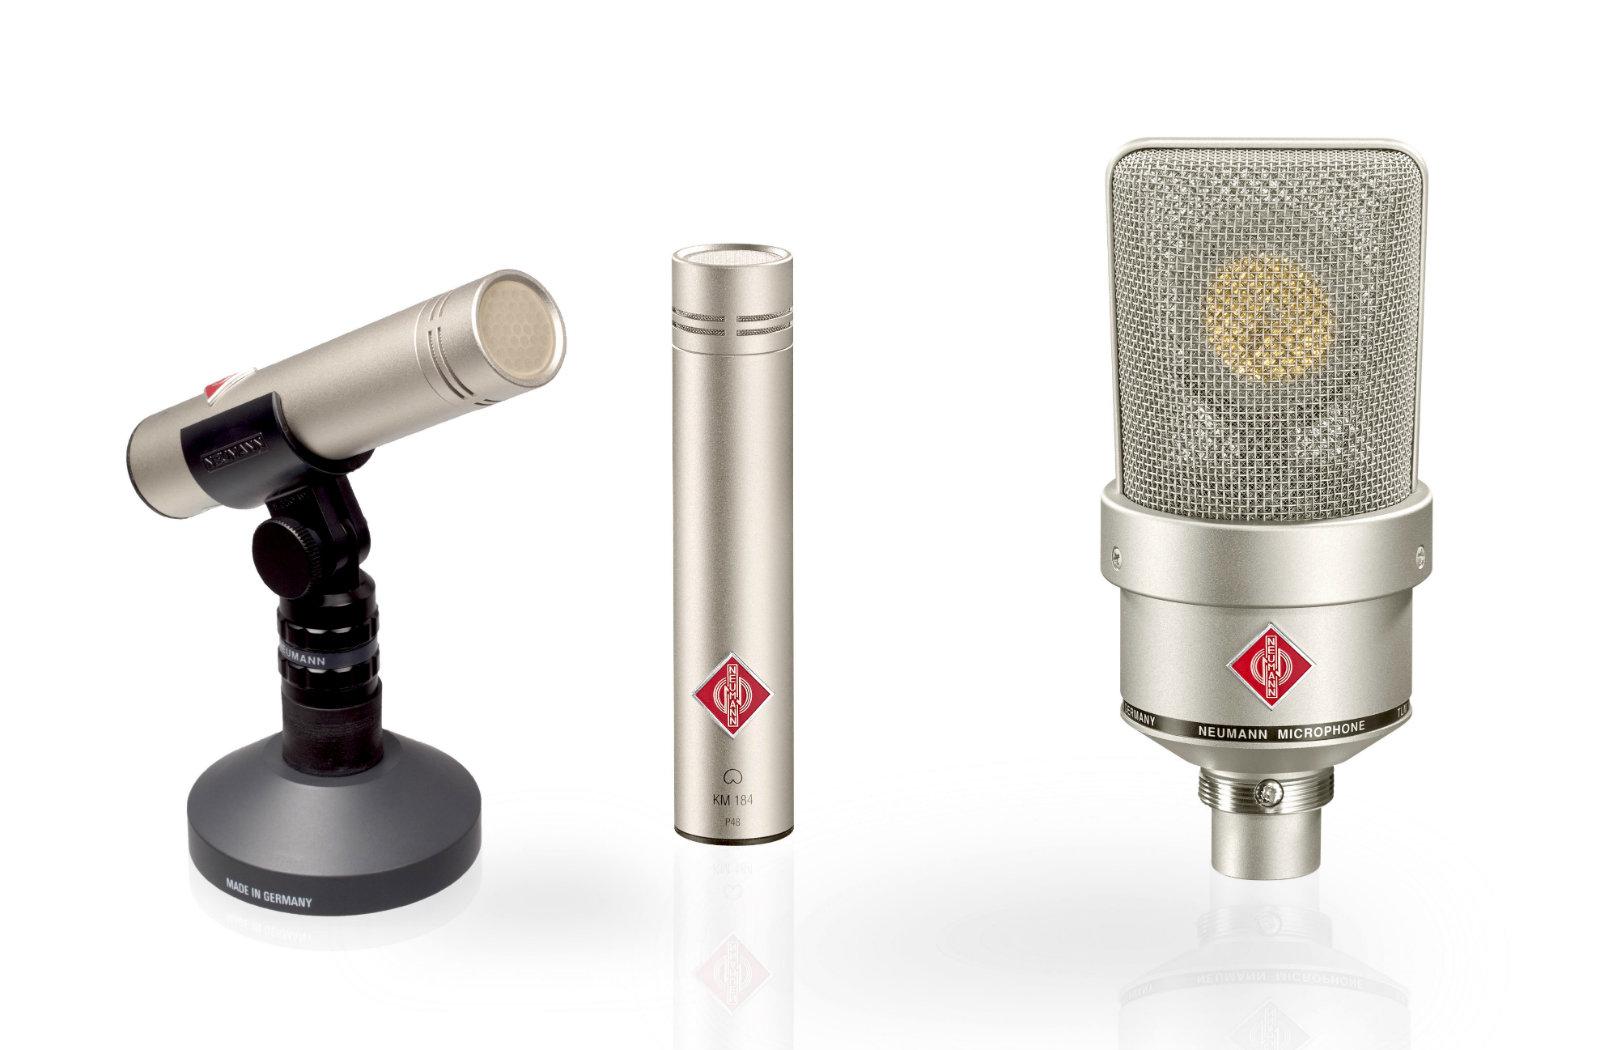 میکروفون های دیافراگم بزرگ و دیافراگم کوچک